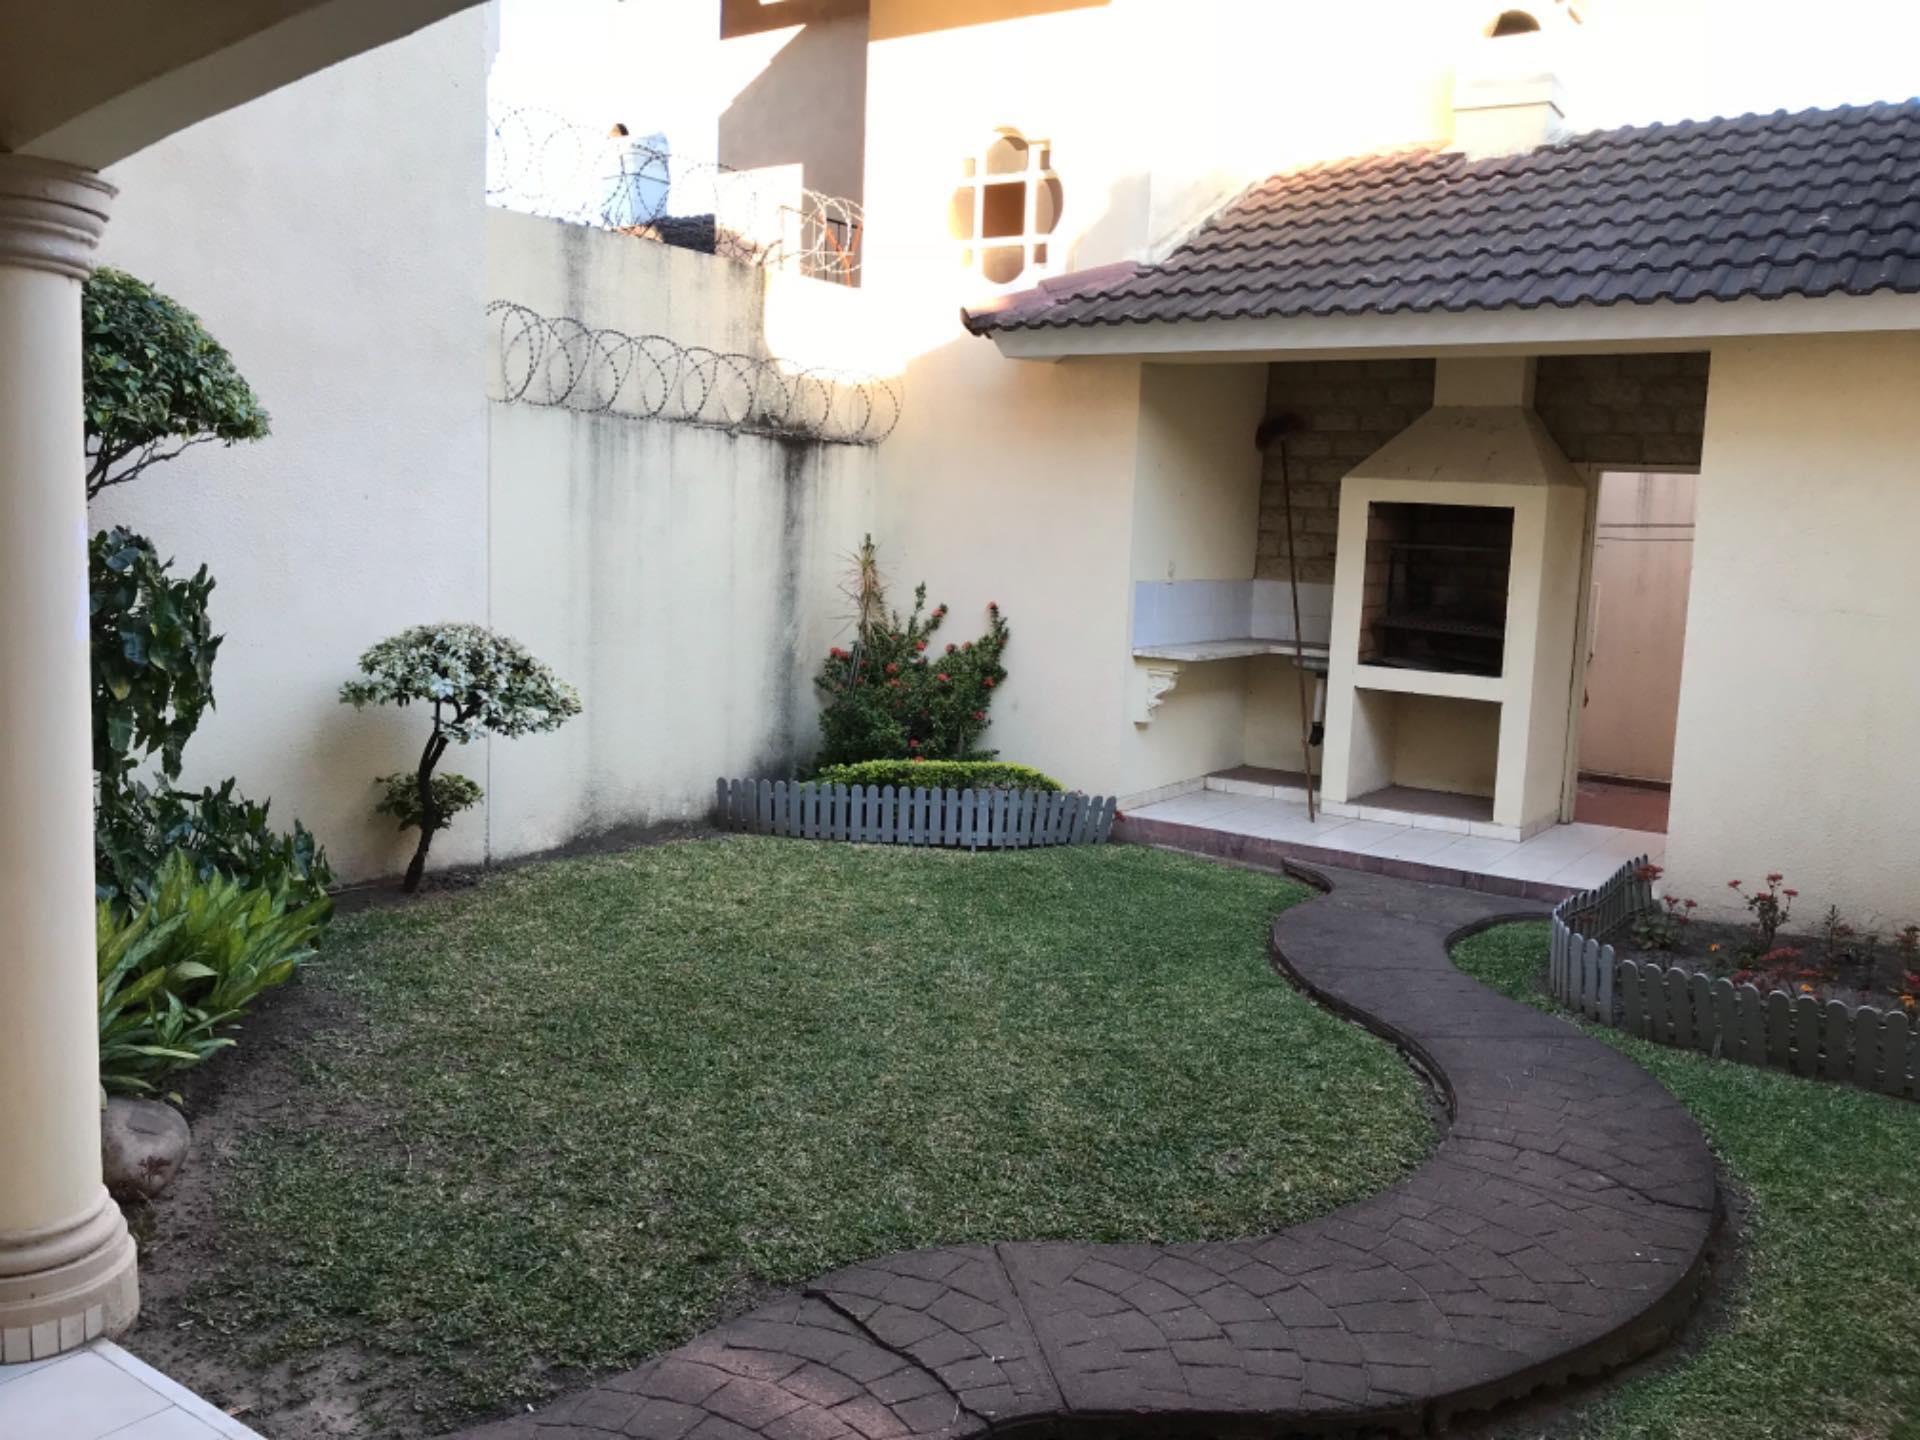 Casa en Alquiler Av. La Barranca barrio El Trompillo Alcaya #300 esq. Zoilo flores  Foto 10